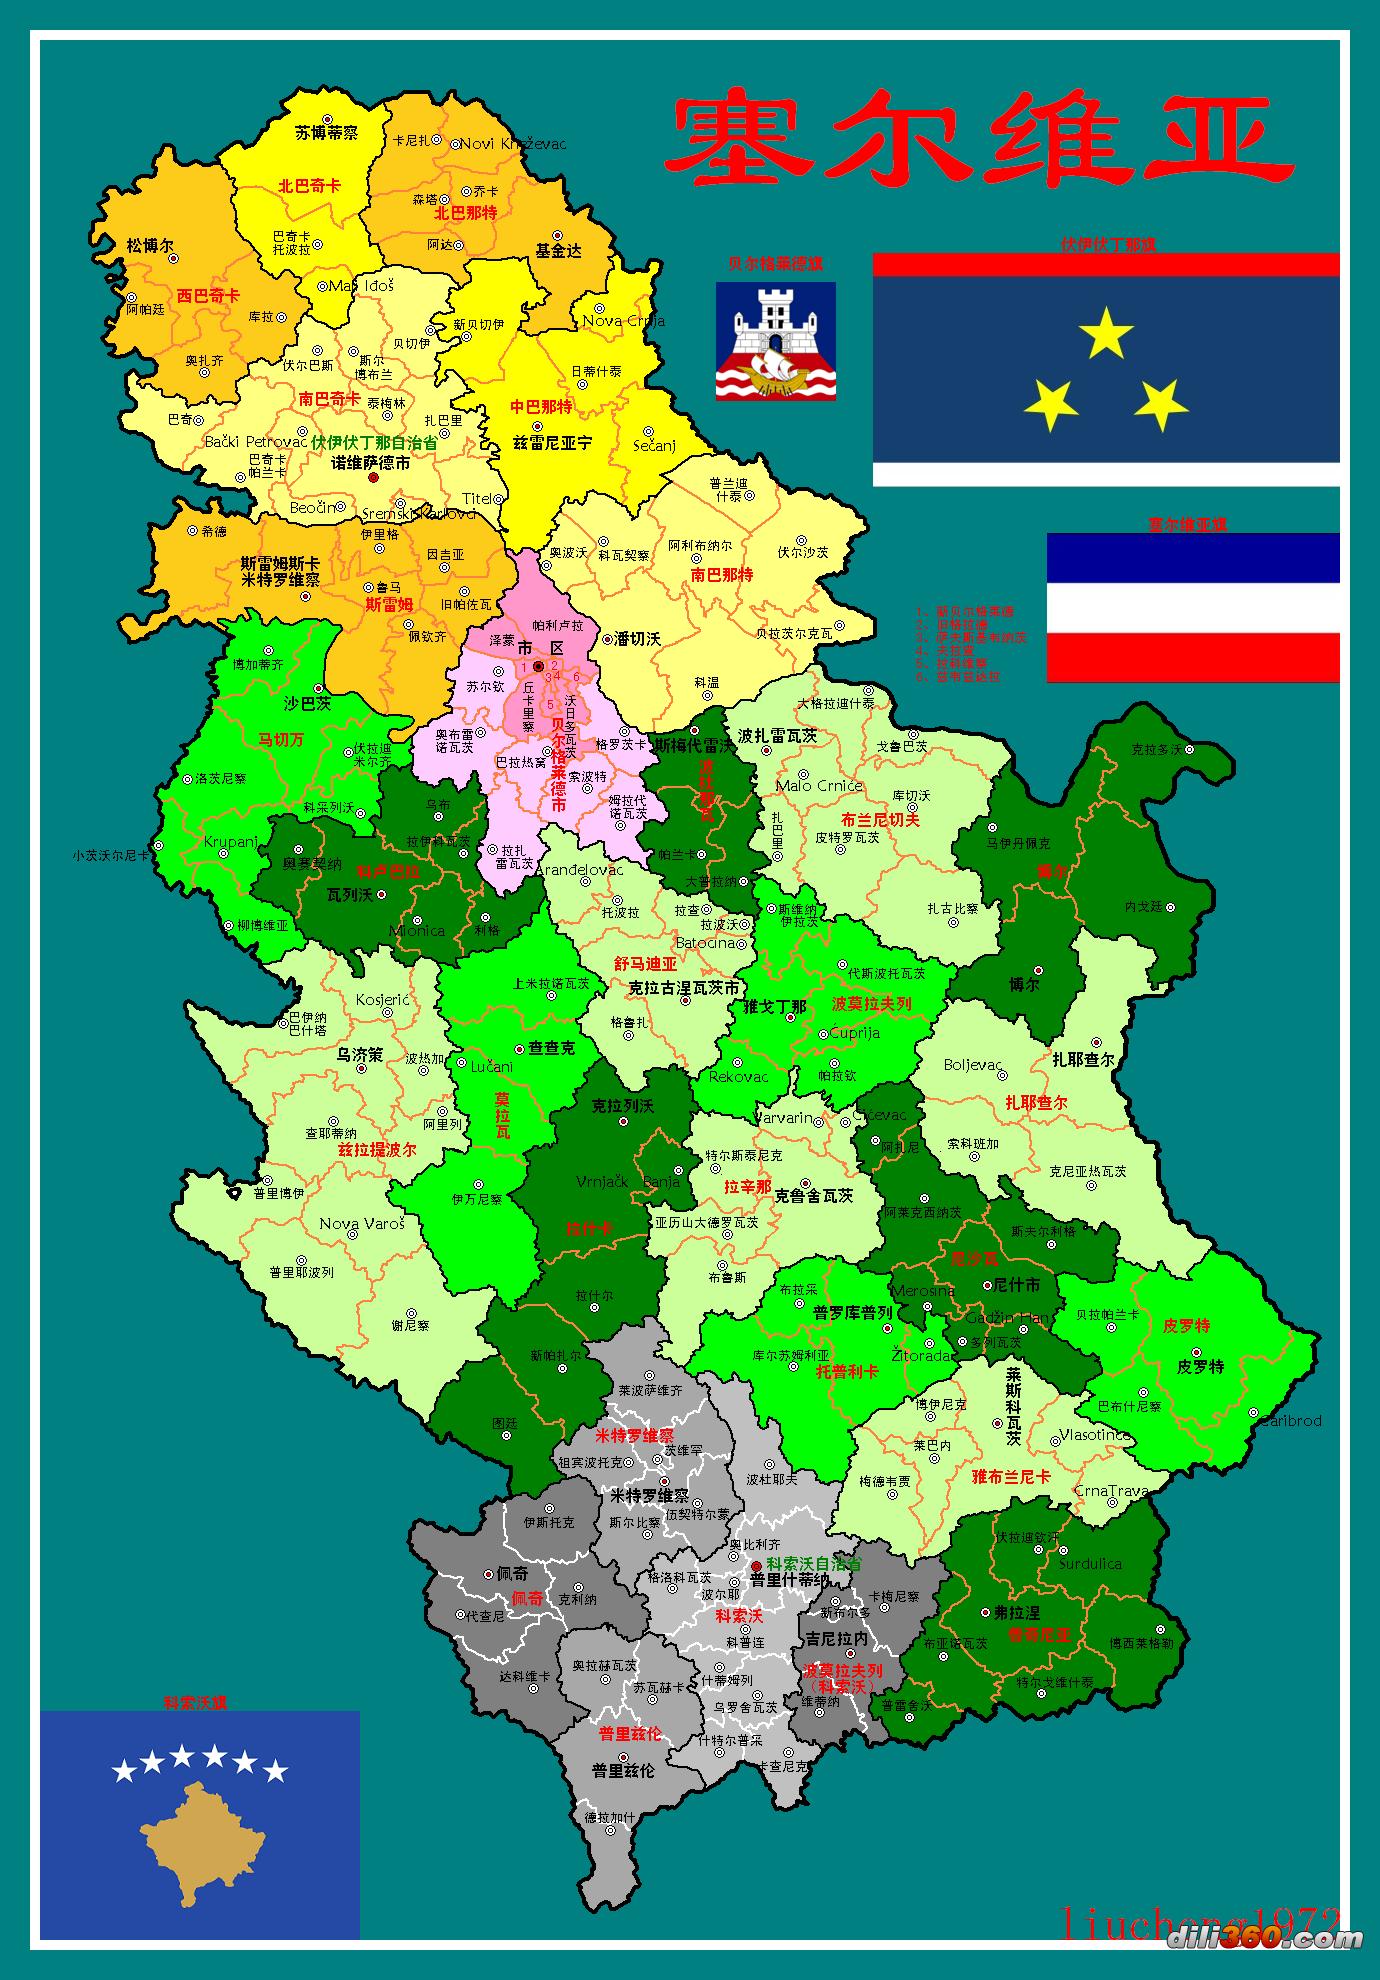 塞尔维亚行政区划图_塞尔维亚地图查询